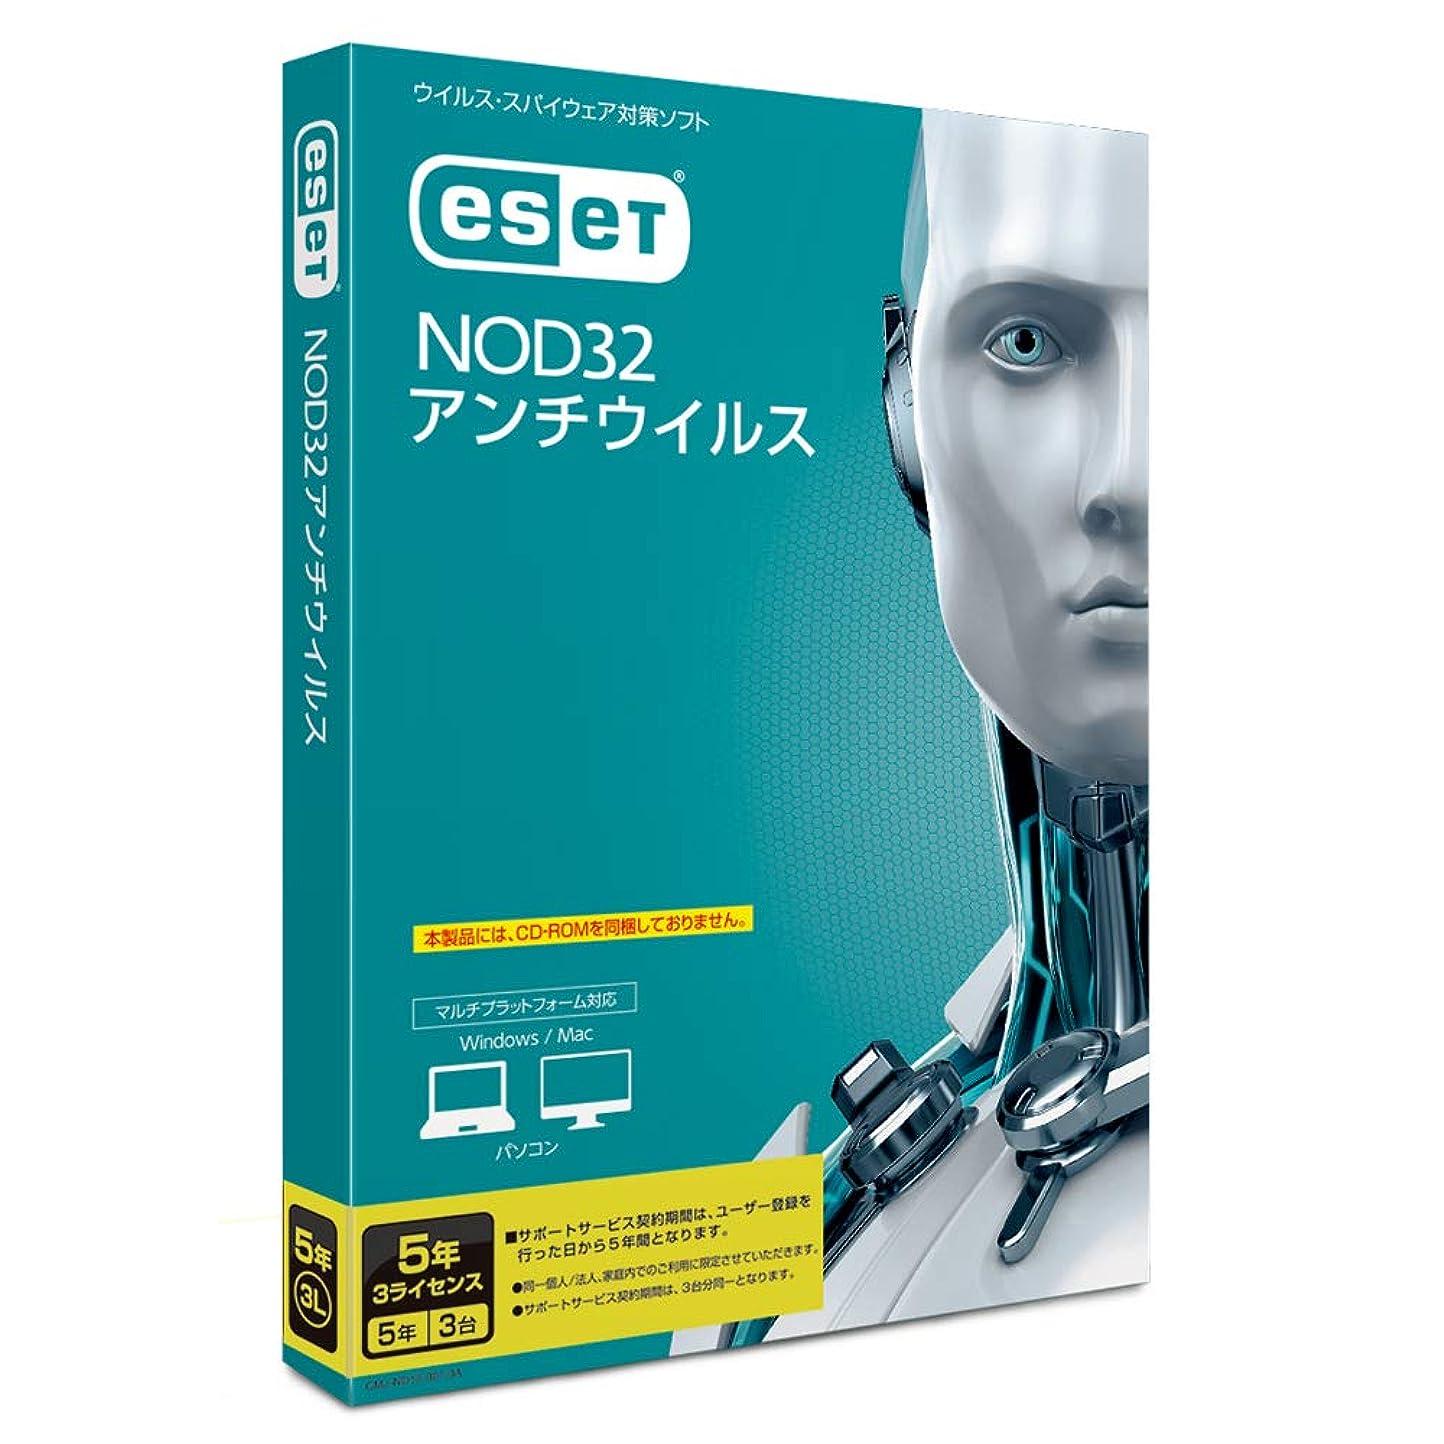 取り扱い水没倍率ESET NOD32アンチウイルス(最新) 3台5年版 Win/Mac対応